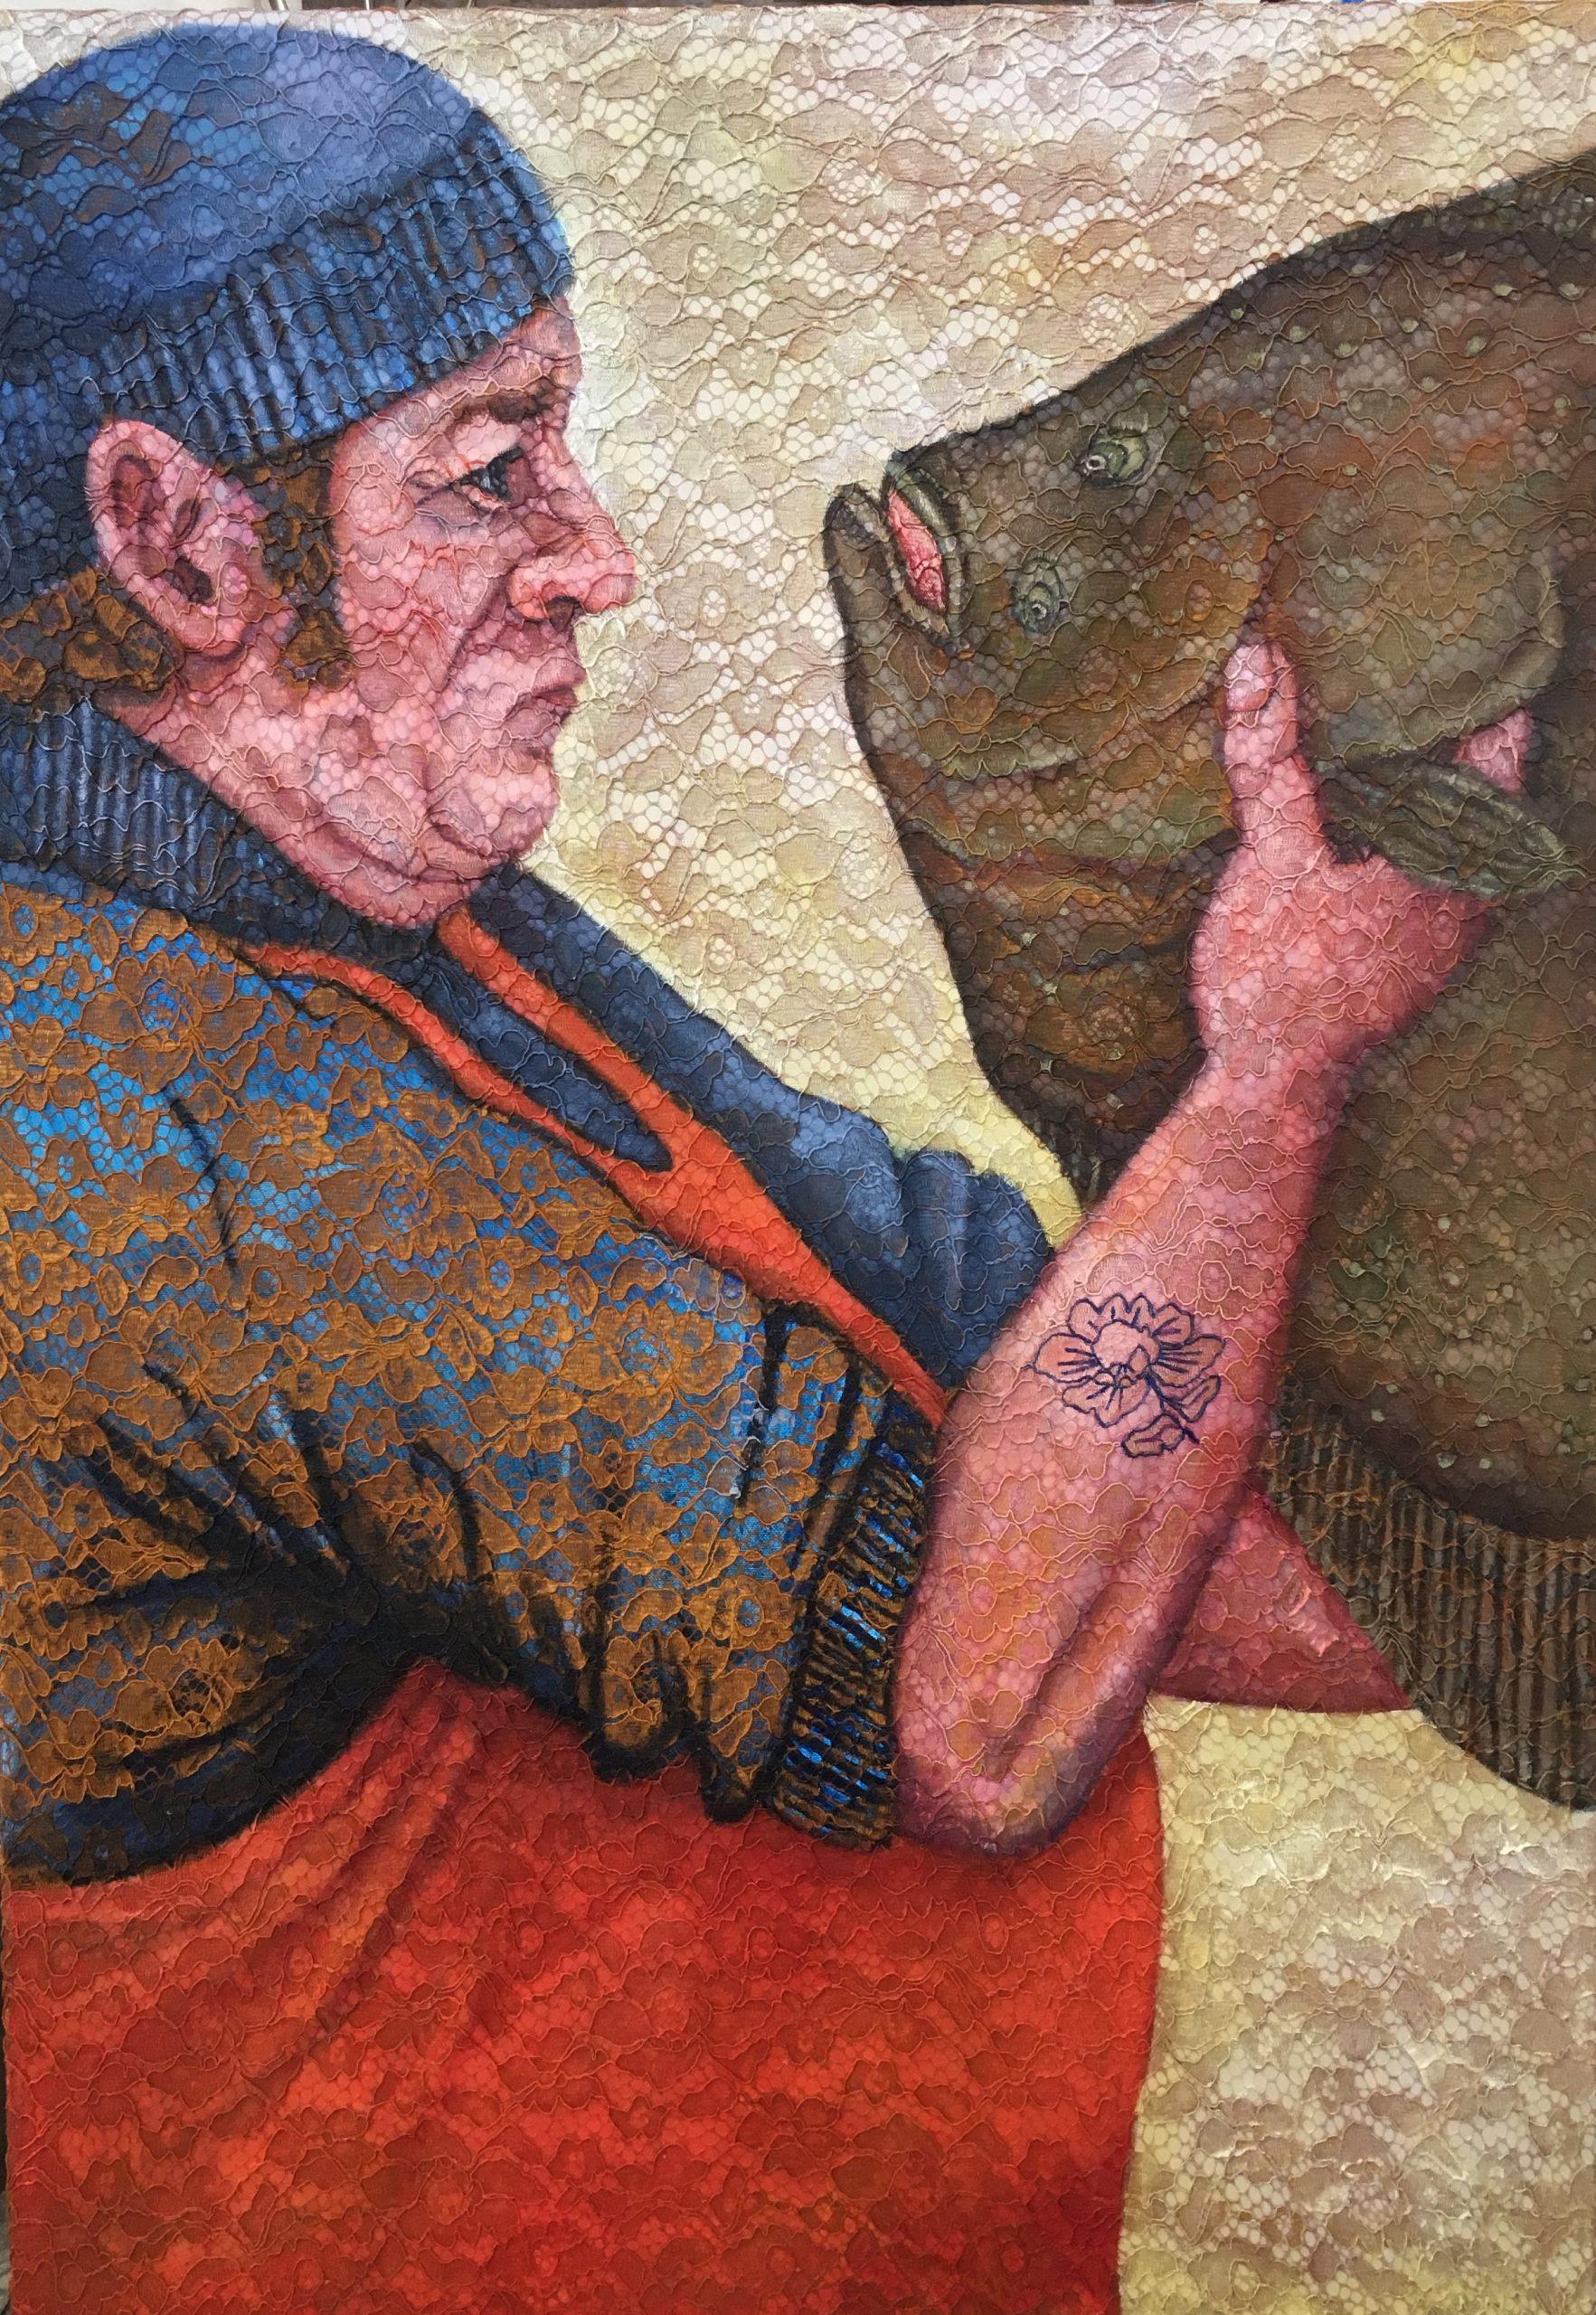 © Els Hoonhout - Liefde op het eerste gezocht, olie op kant en canvas, 100 x 70 cm